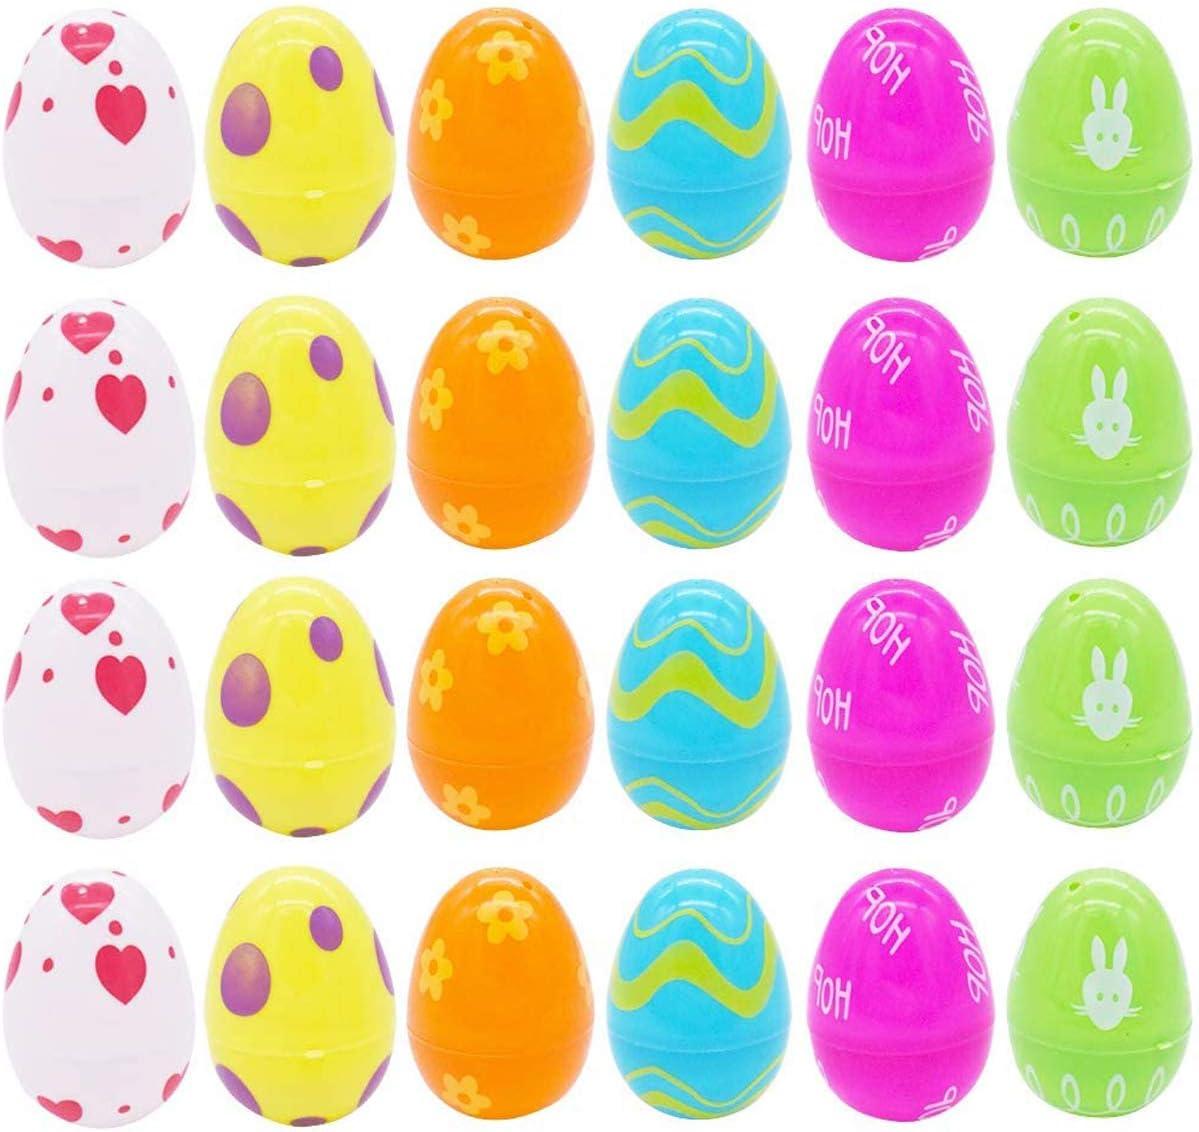 Huevos sorpresa de plástico, Huevos de Pascua Vacíos, Huevos de Pascua de Plástico Rellenable Sorpresa, para fiestas de Pascua, recipiente preferido para dulces la Búsqueda del Huevo de Pascua-24pack